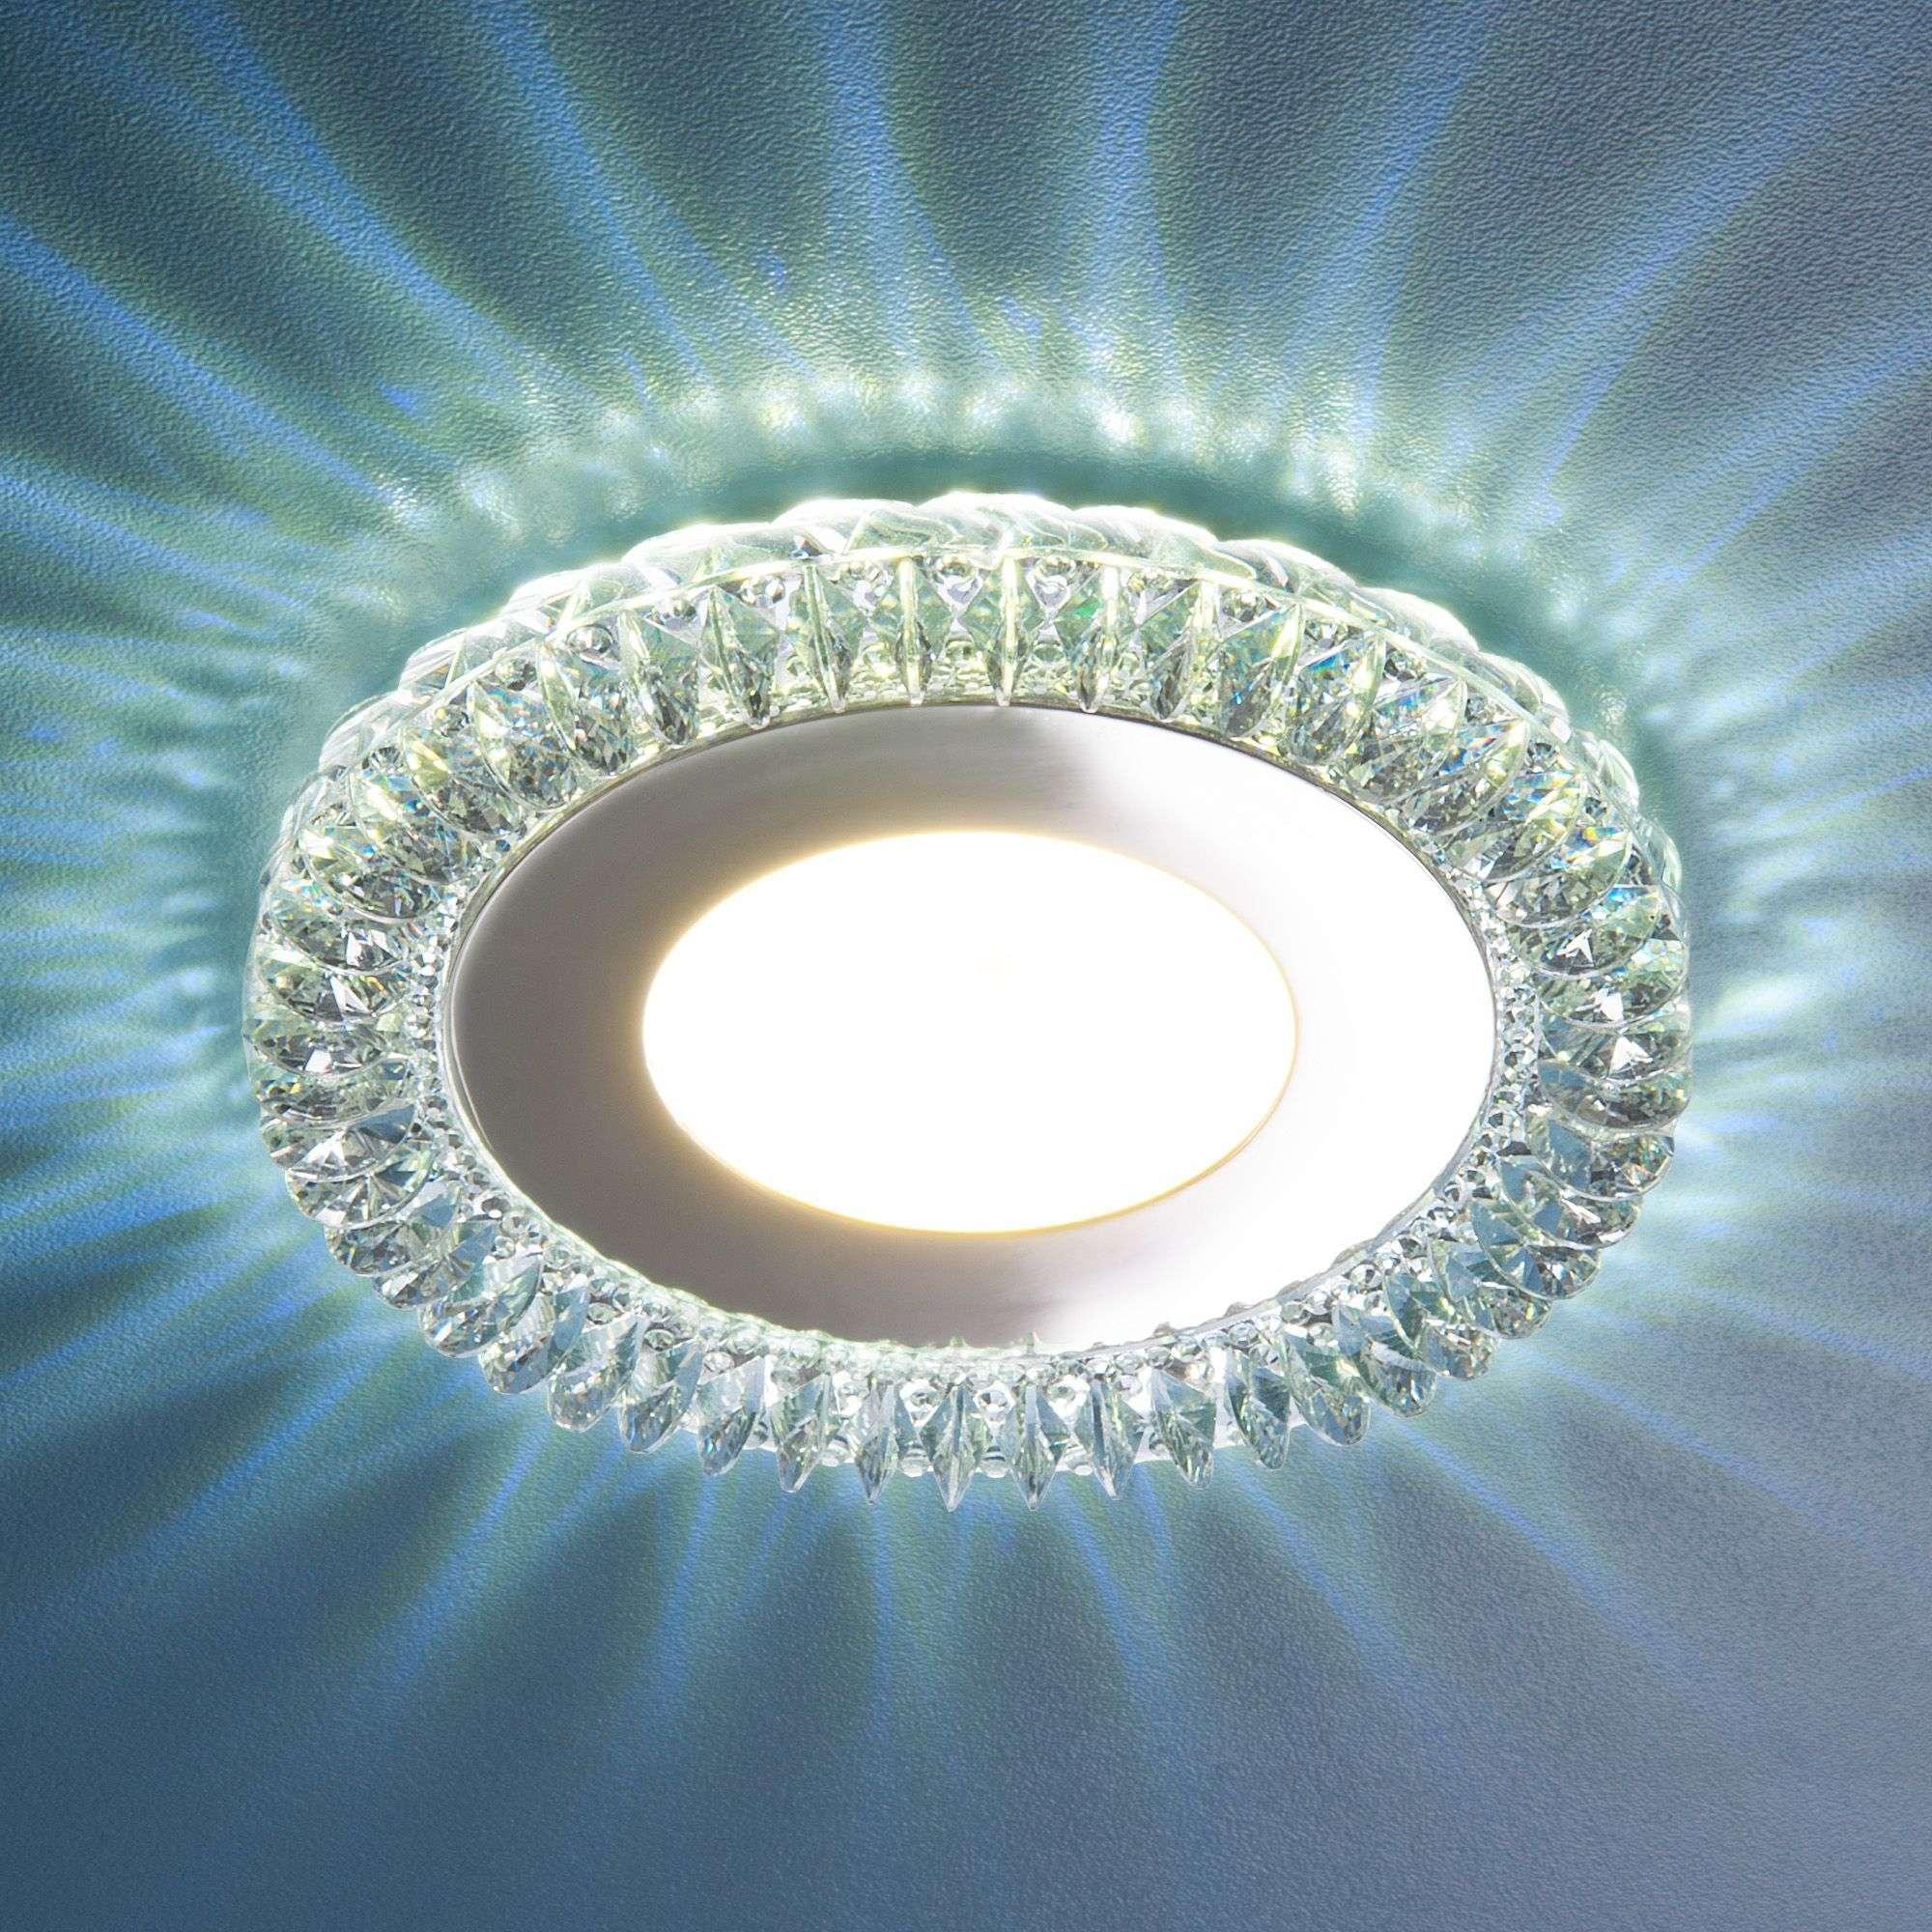 Точечный светильник с LED подсветкой 9908 LED 8W CL прозрачный